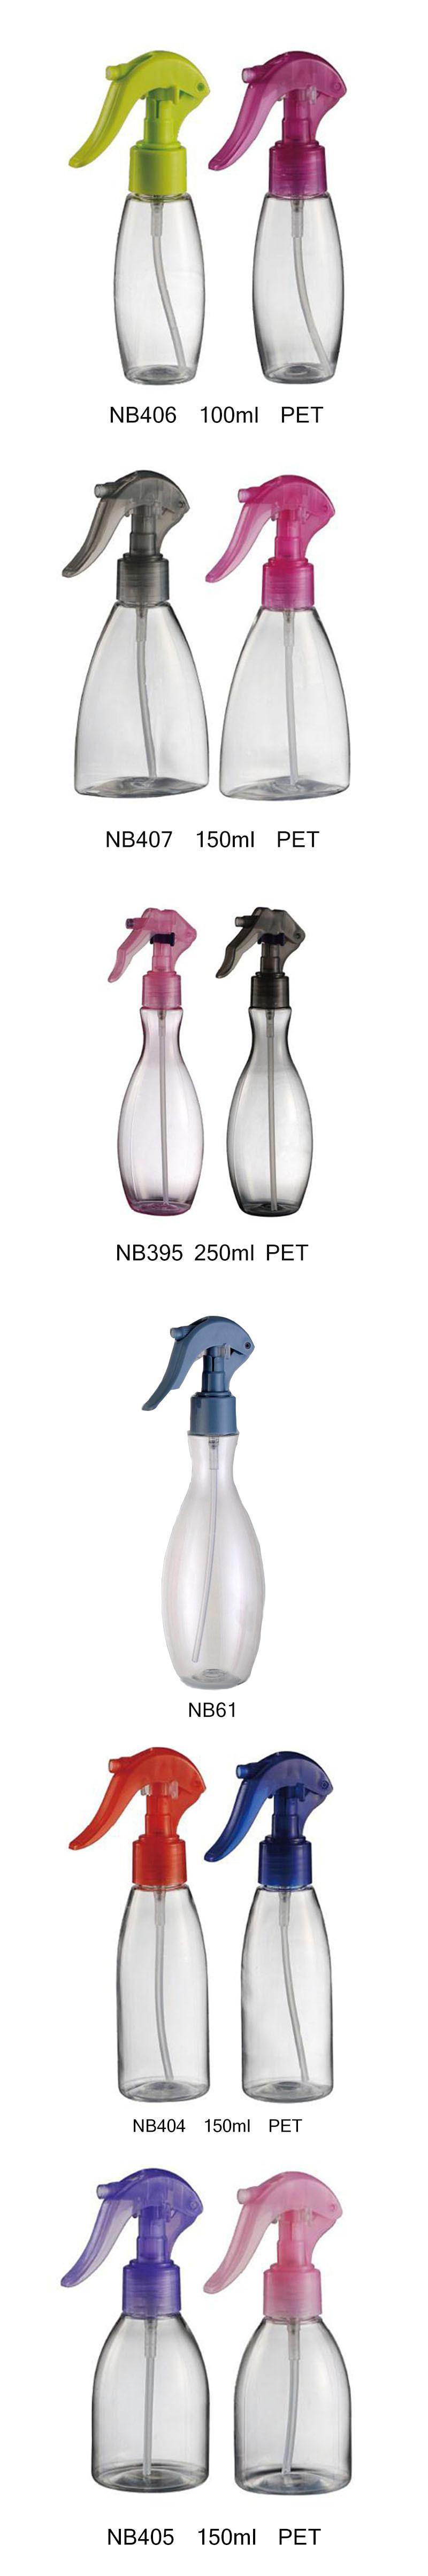 Plastic Trigger Sprayer Bottle for Cosmetics (NB404)